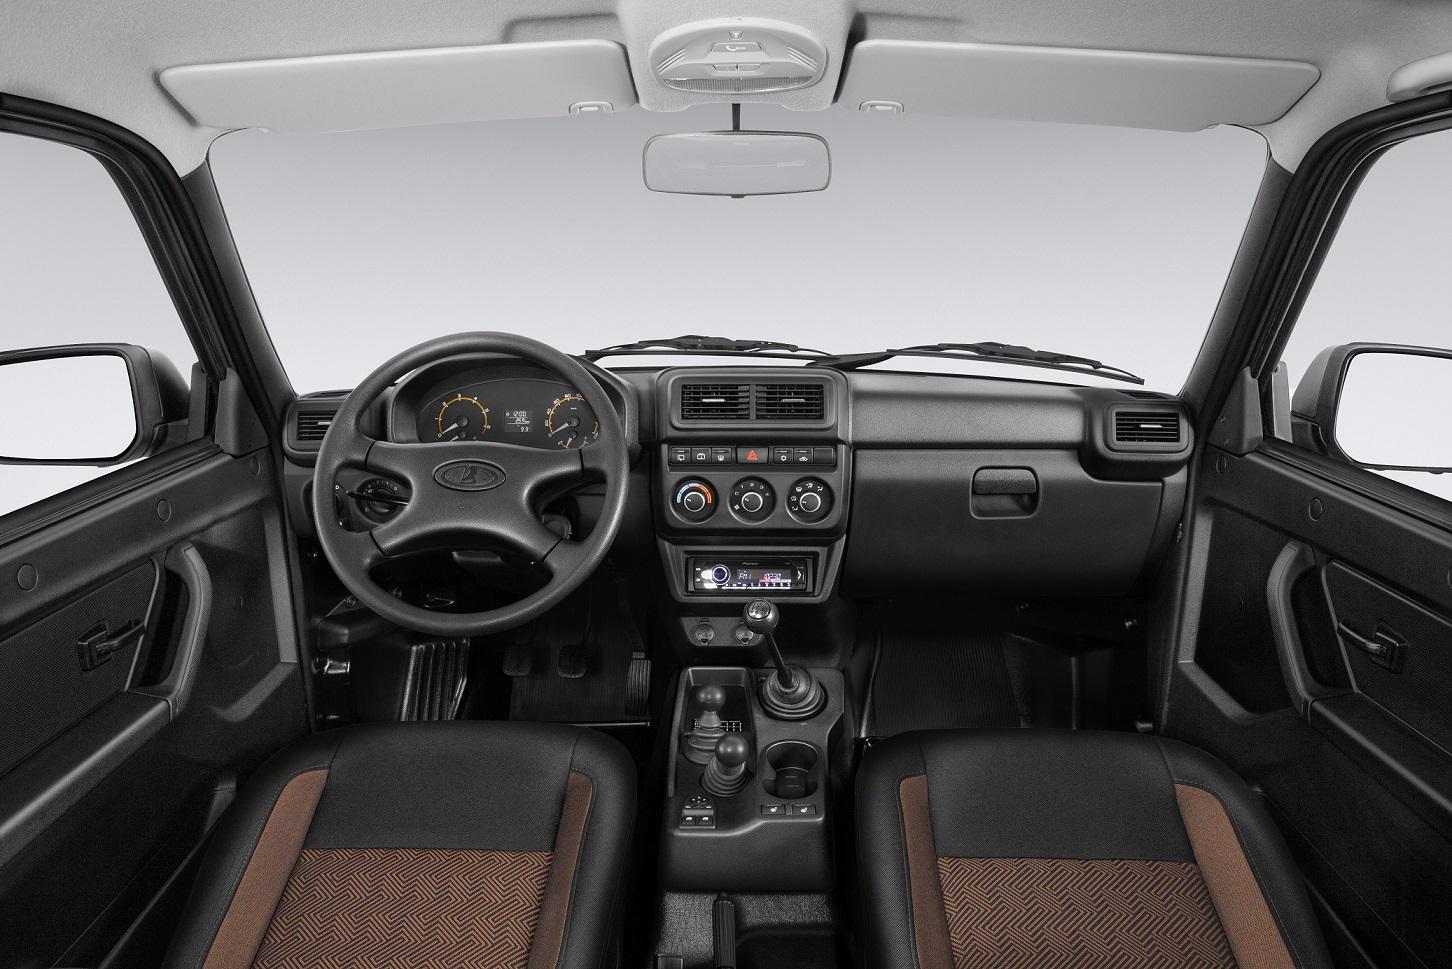 LADA 4x4 interior